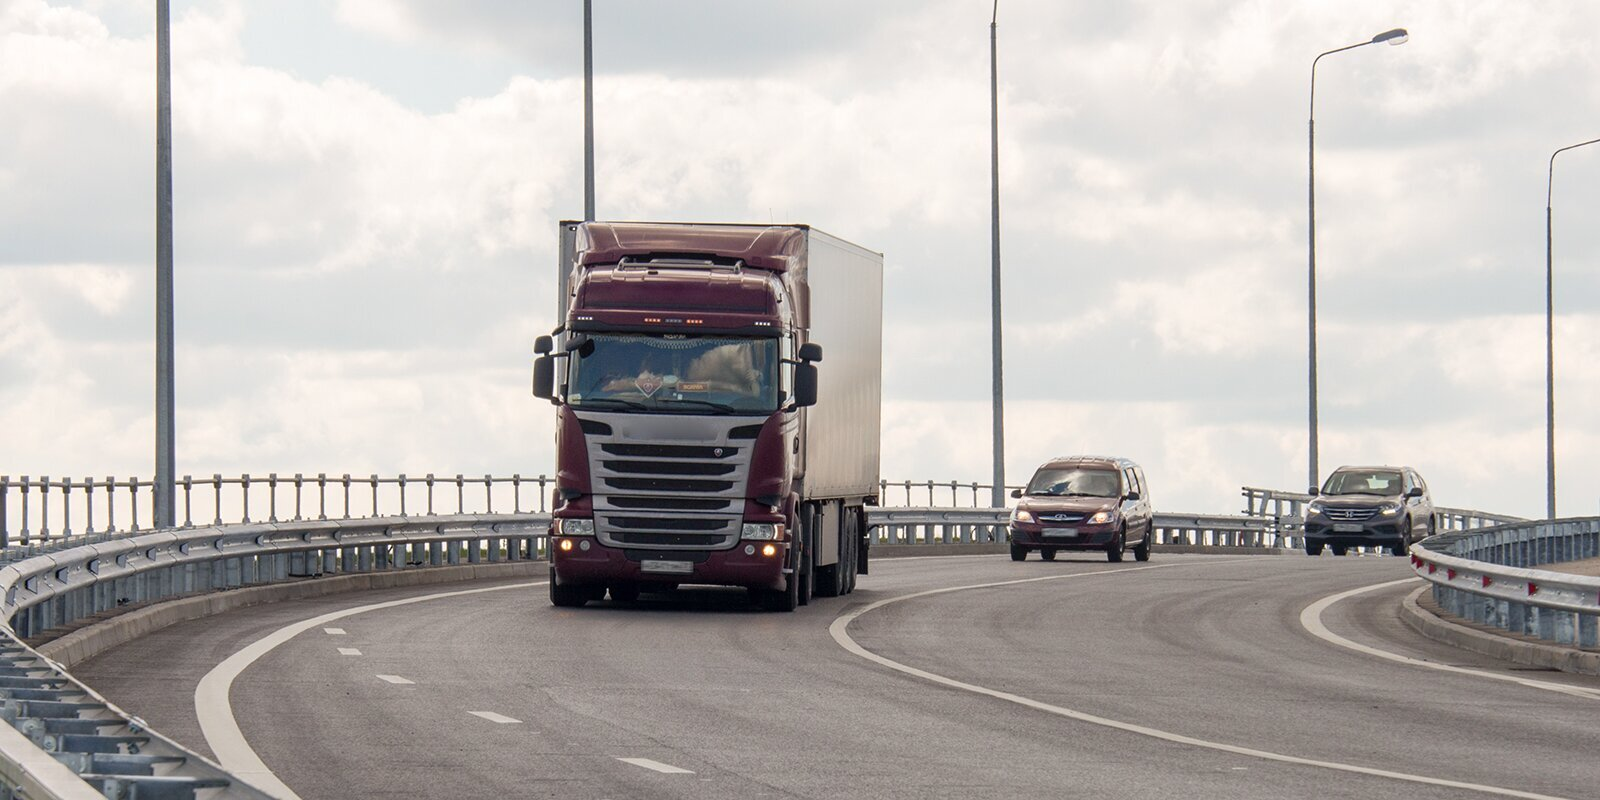 Władze zakazały wjazdu ciężarówkom do Moskwy. Przewoźnicy muszą wystąpić o specjalne zezwolenie